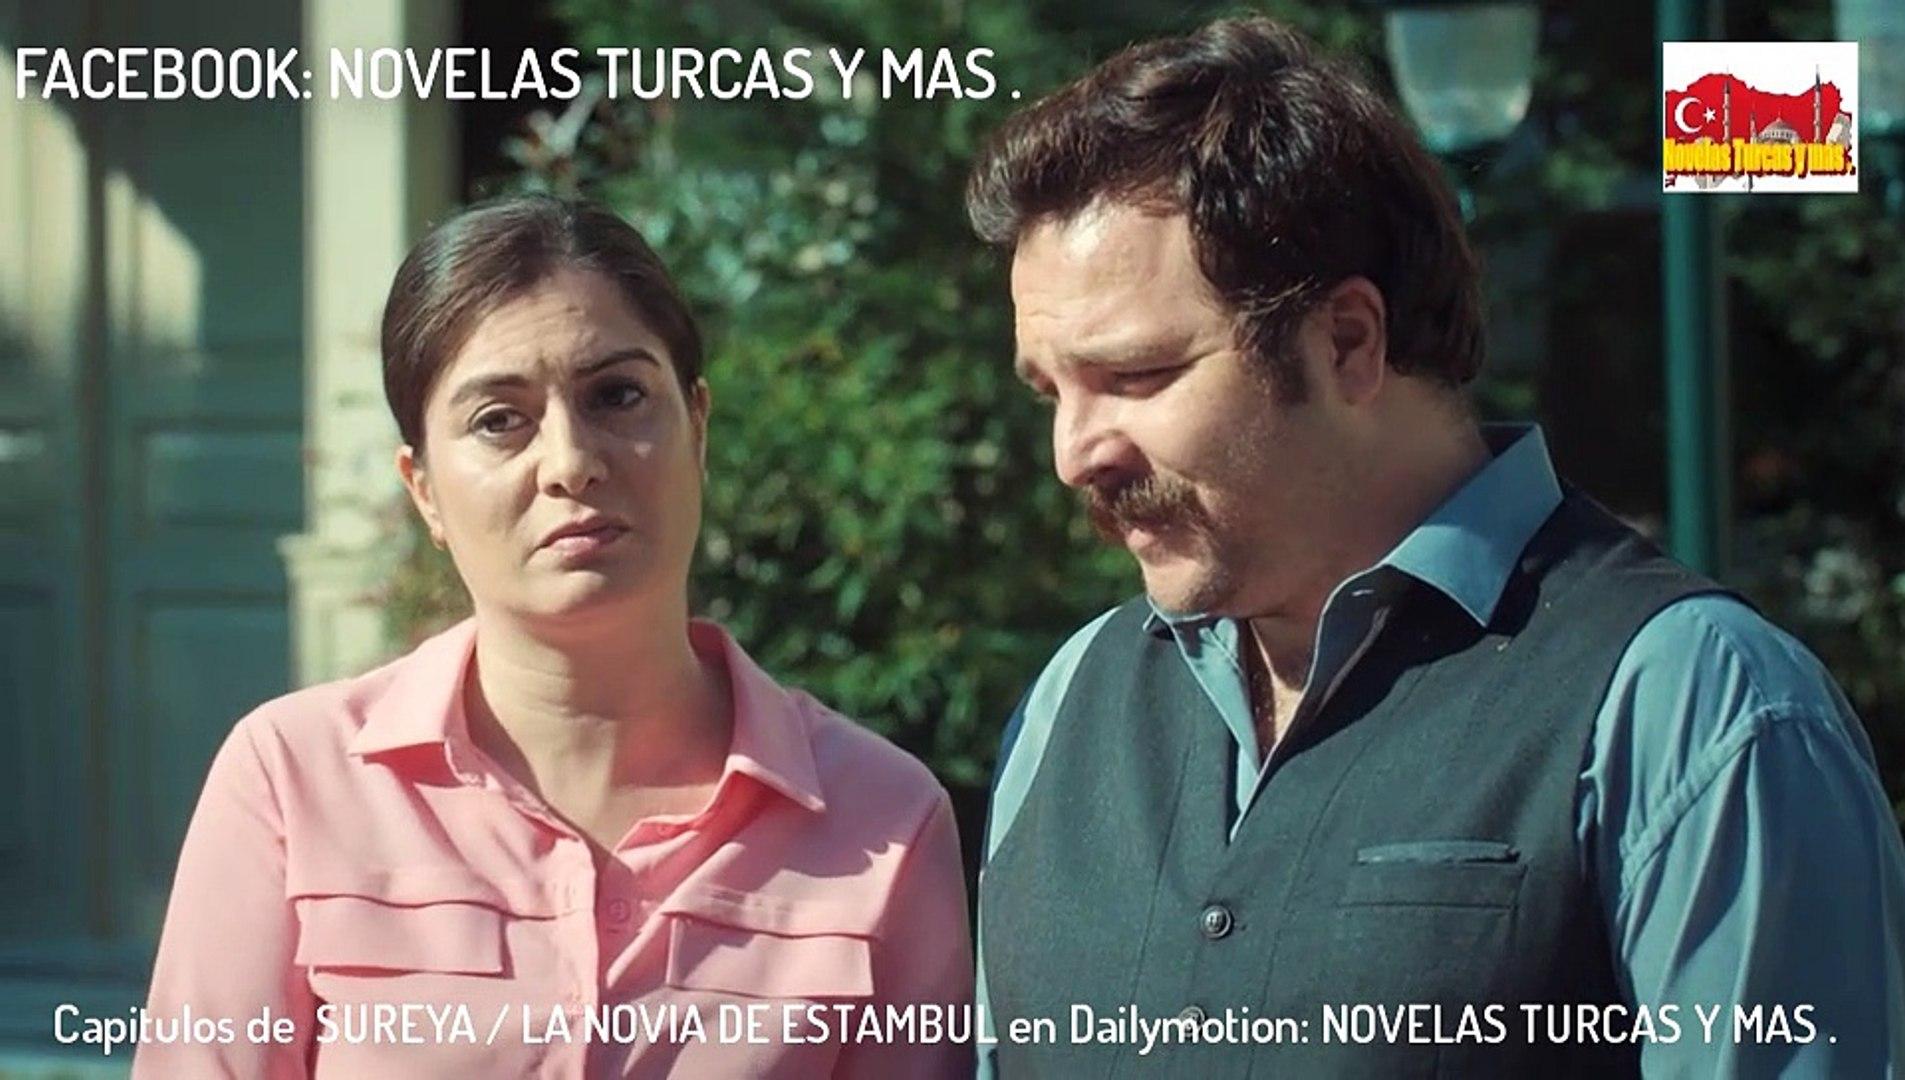 Sureya La Novia De Estambul Capitulo 227 Español Temporada 3 Completo Vídeo Dailymotion